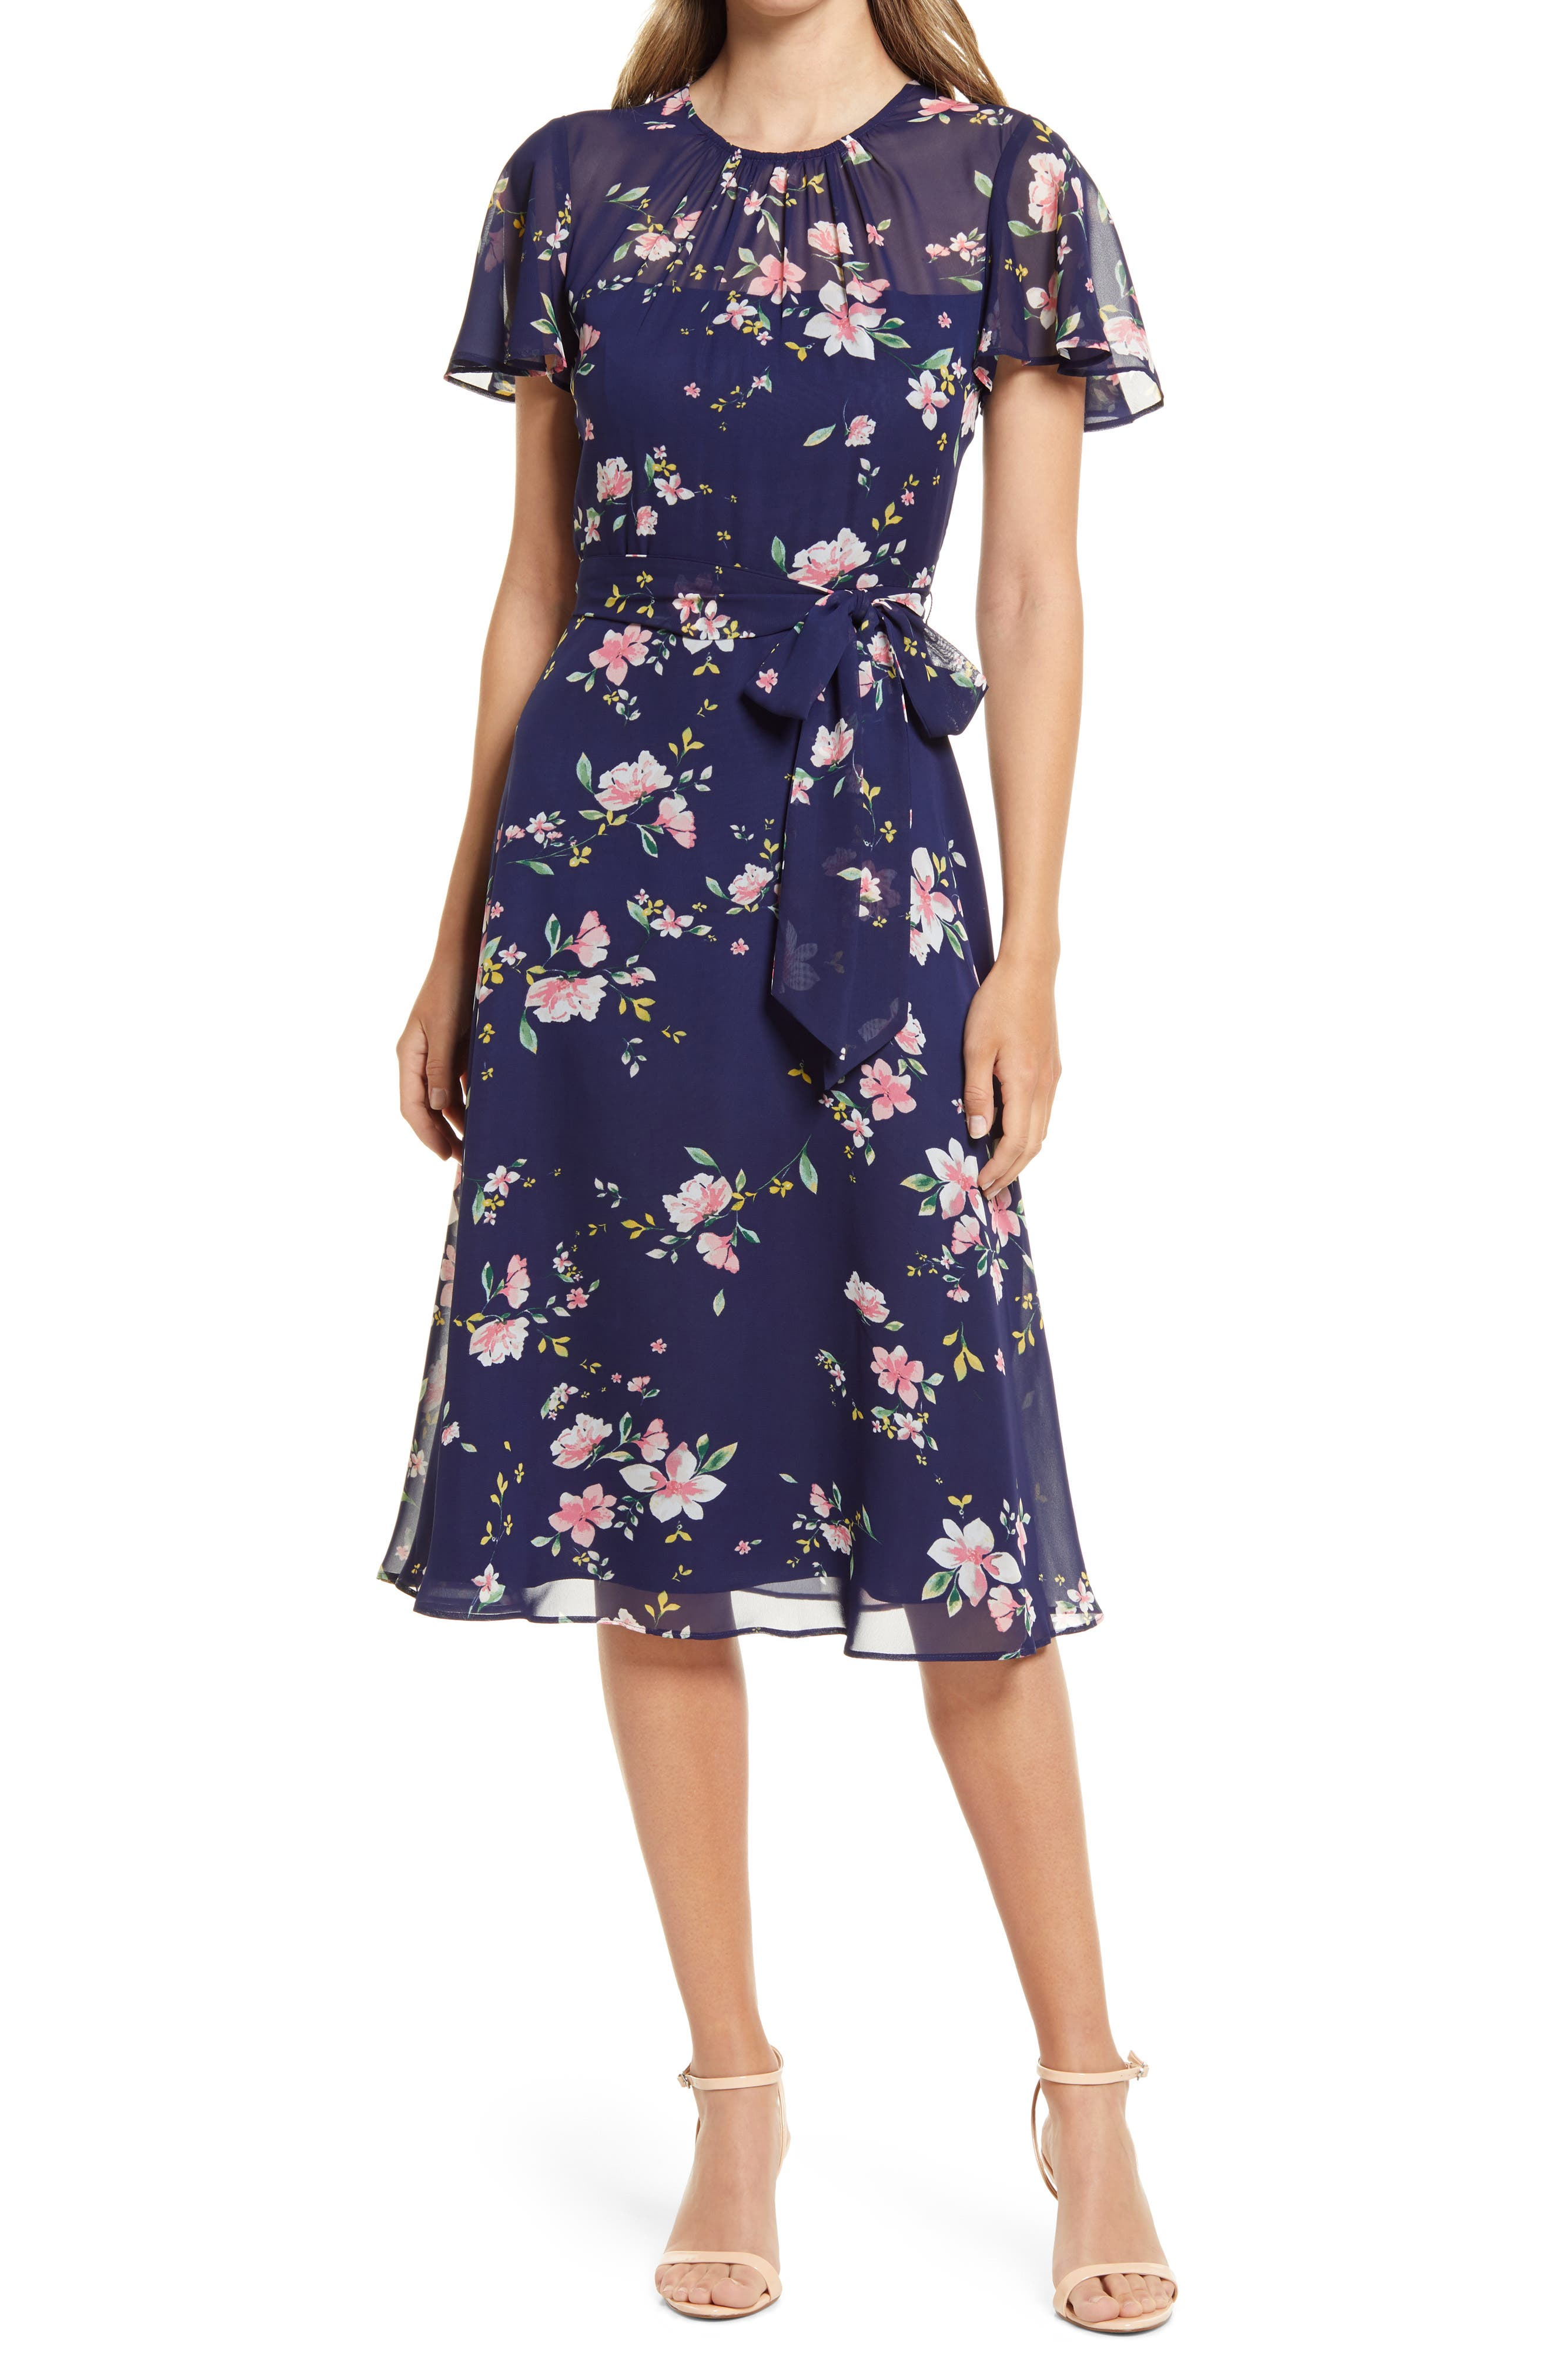 1940s Dresses | 40s Dress, Swing Dress, Tea Dresses Womens Harper Rose Floral Midi Dress Size 6 - Blue $138.00 AT vintagedancer.com